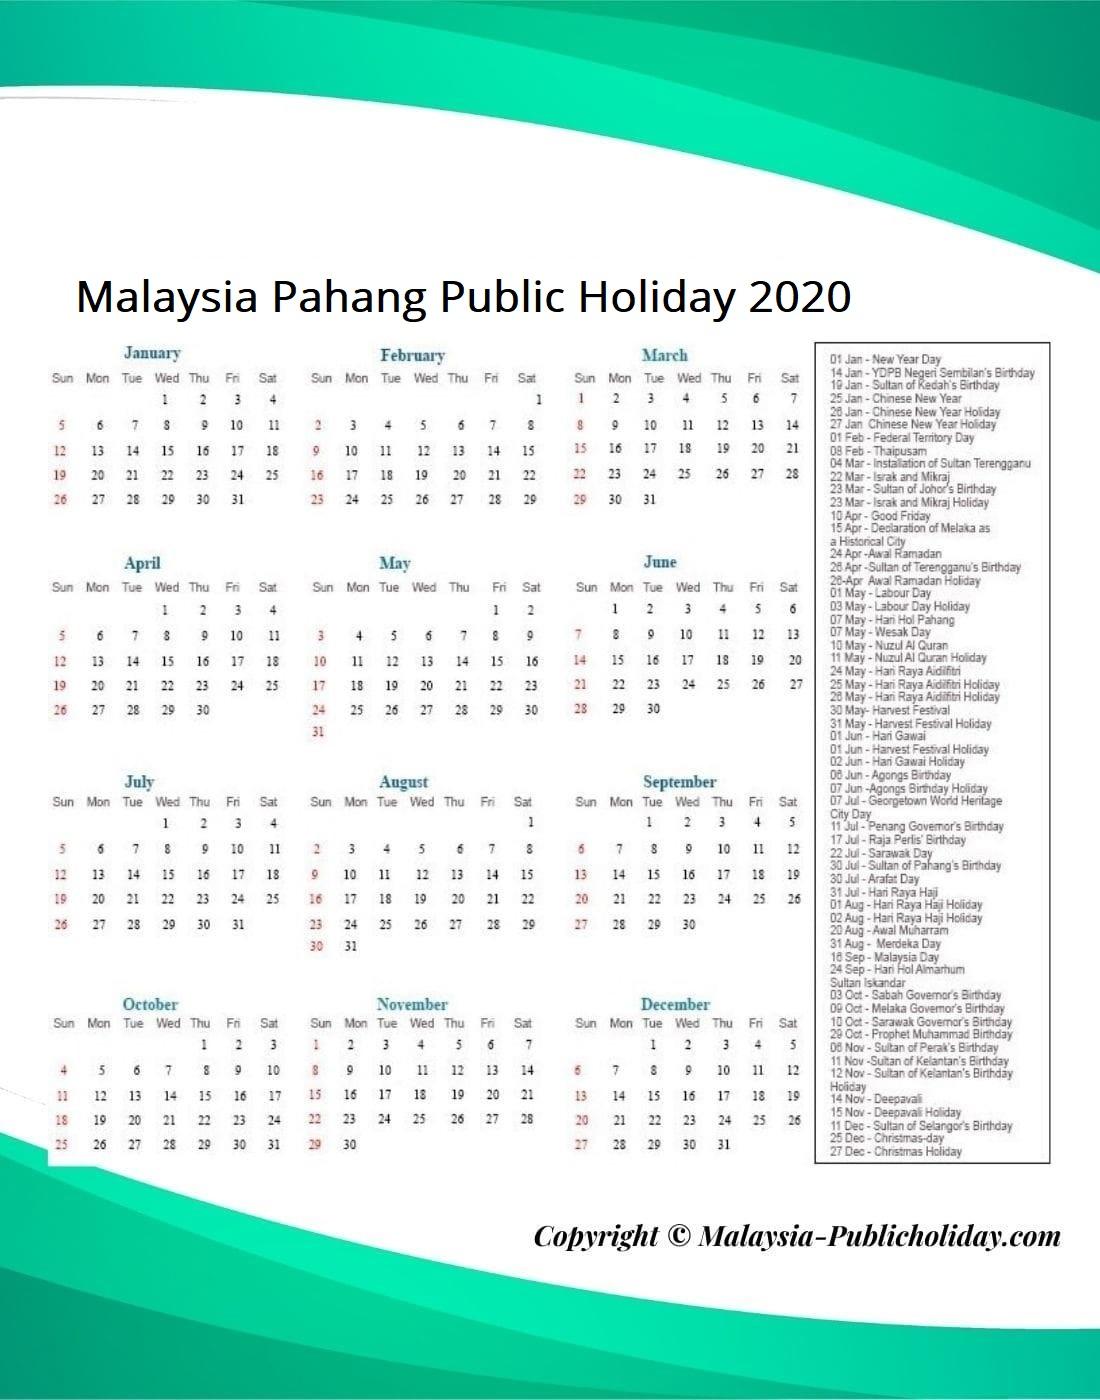 Pahang Public Holiday 2020